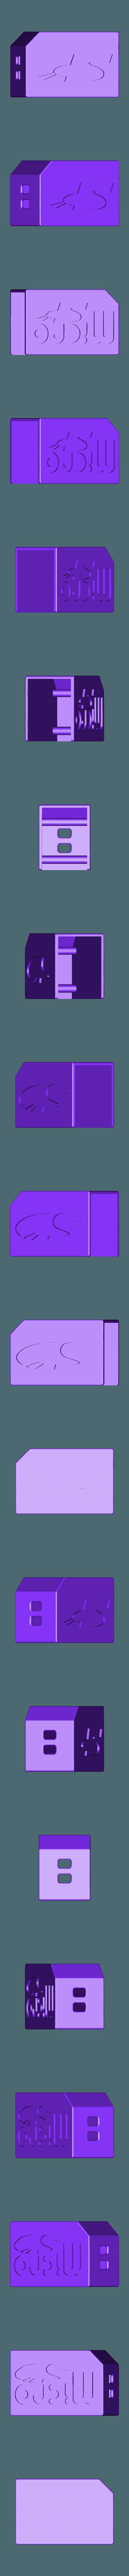 corps_06_element.stl Télécharger fichier STL gratuit Support SD et micro SD 1-10 éléments • Plan pour impression 3D, WaterLemon